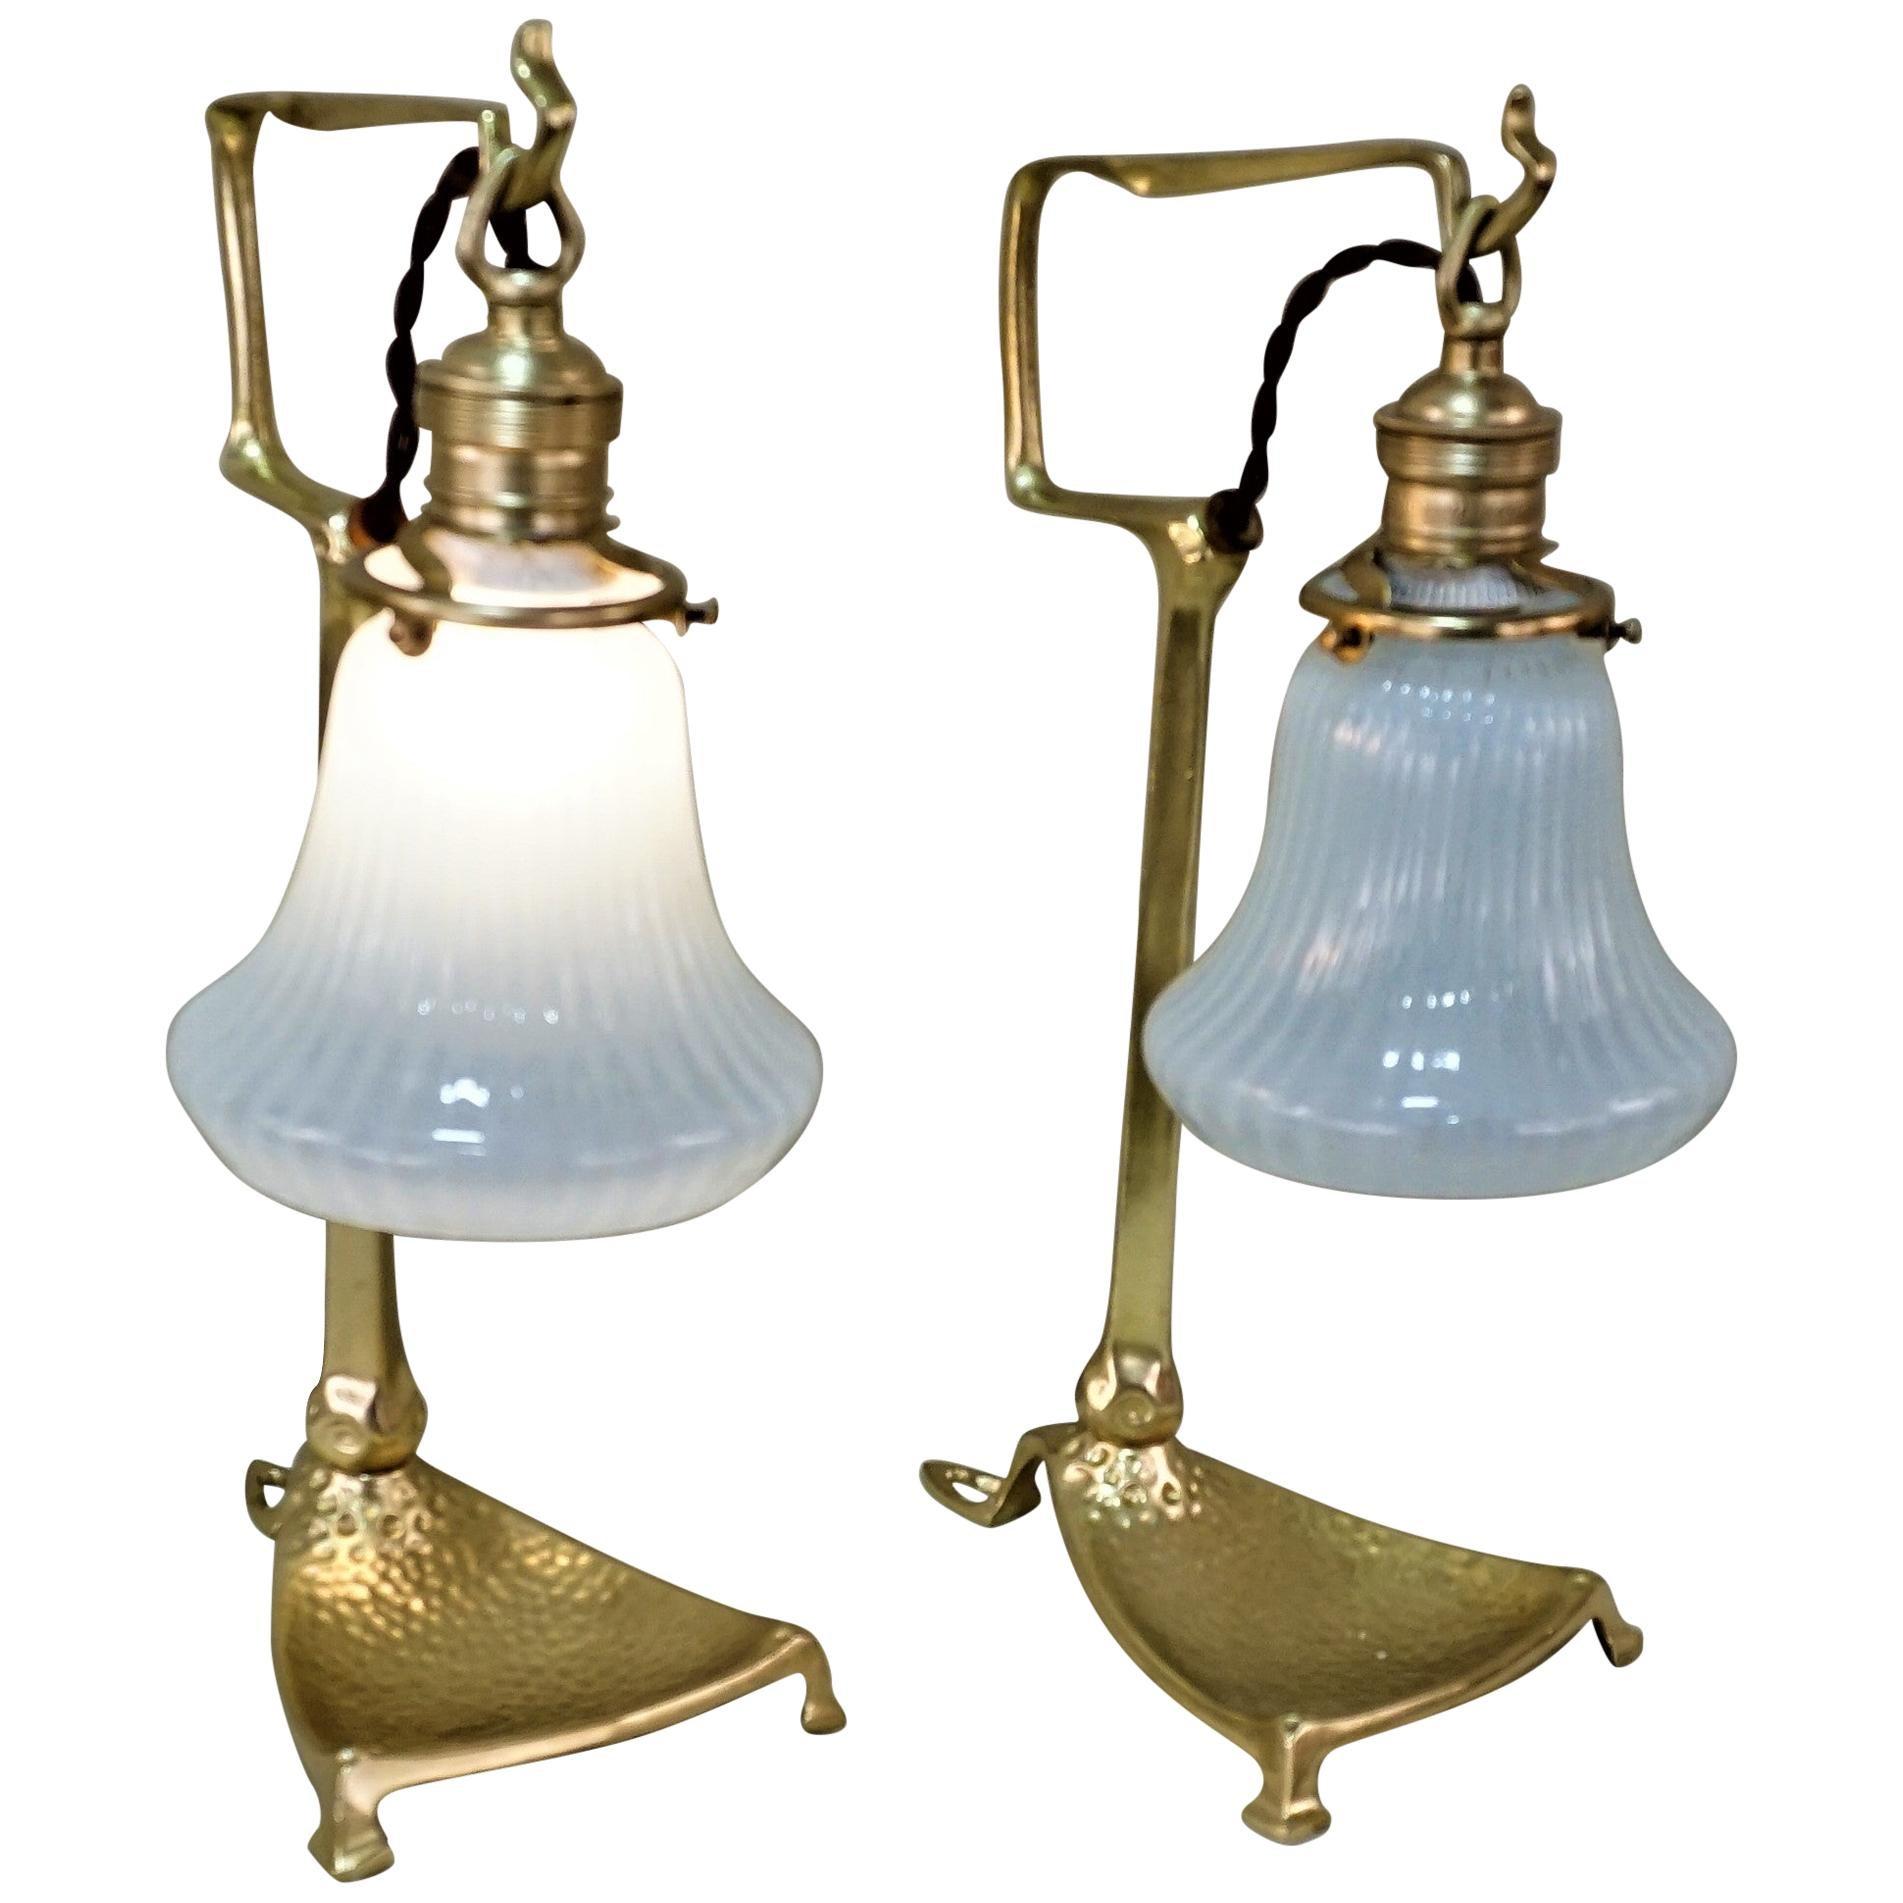 Art Nouveau Table Lamps by Friedrich Adler